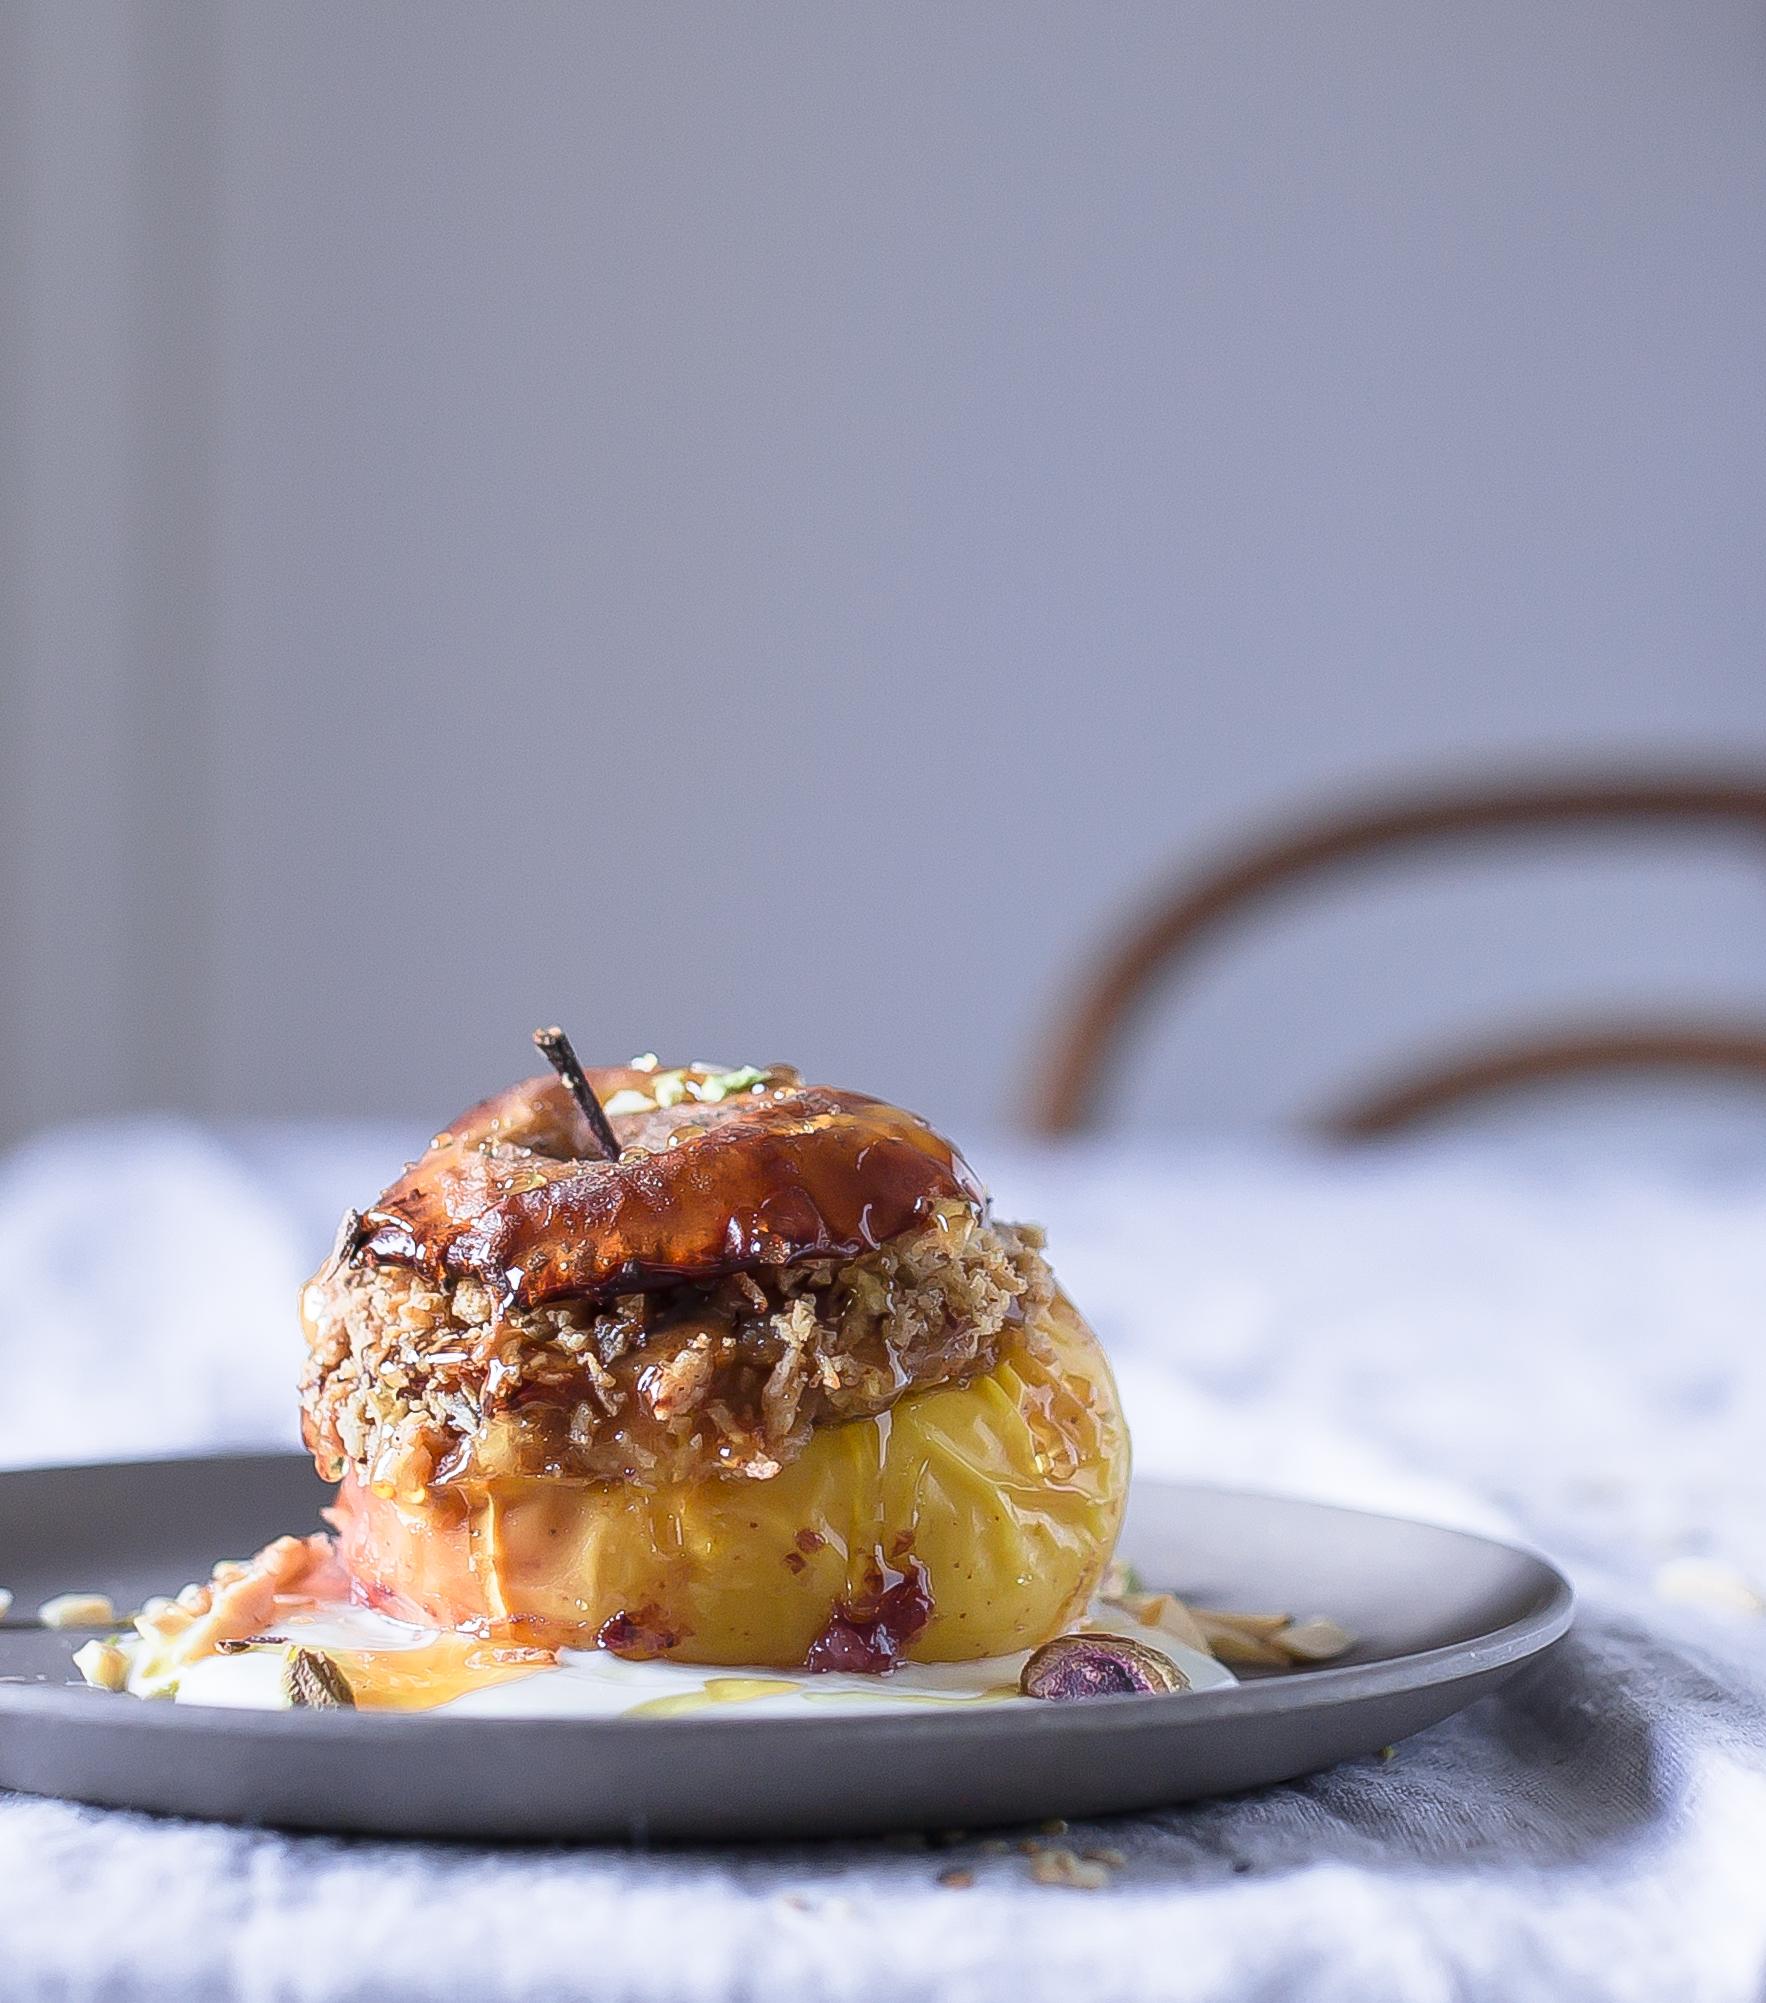 Mags-Frisch-Rezept-baked-apples